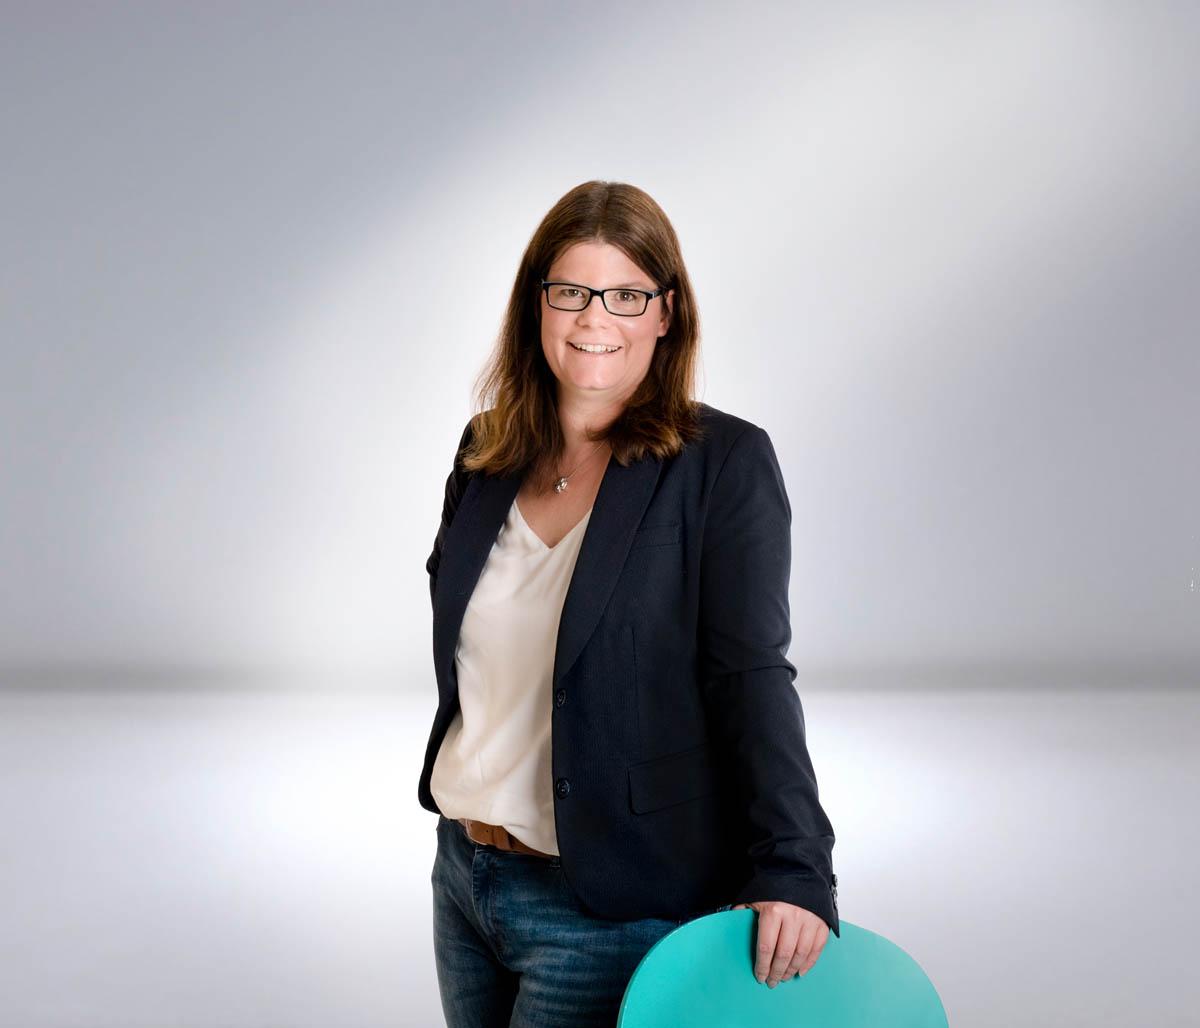 Stefanie Königstein_6744_x